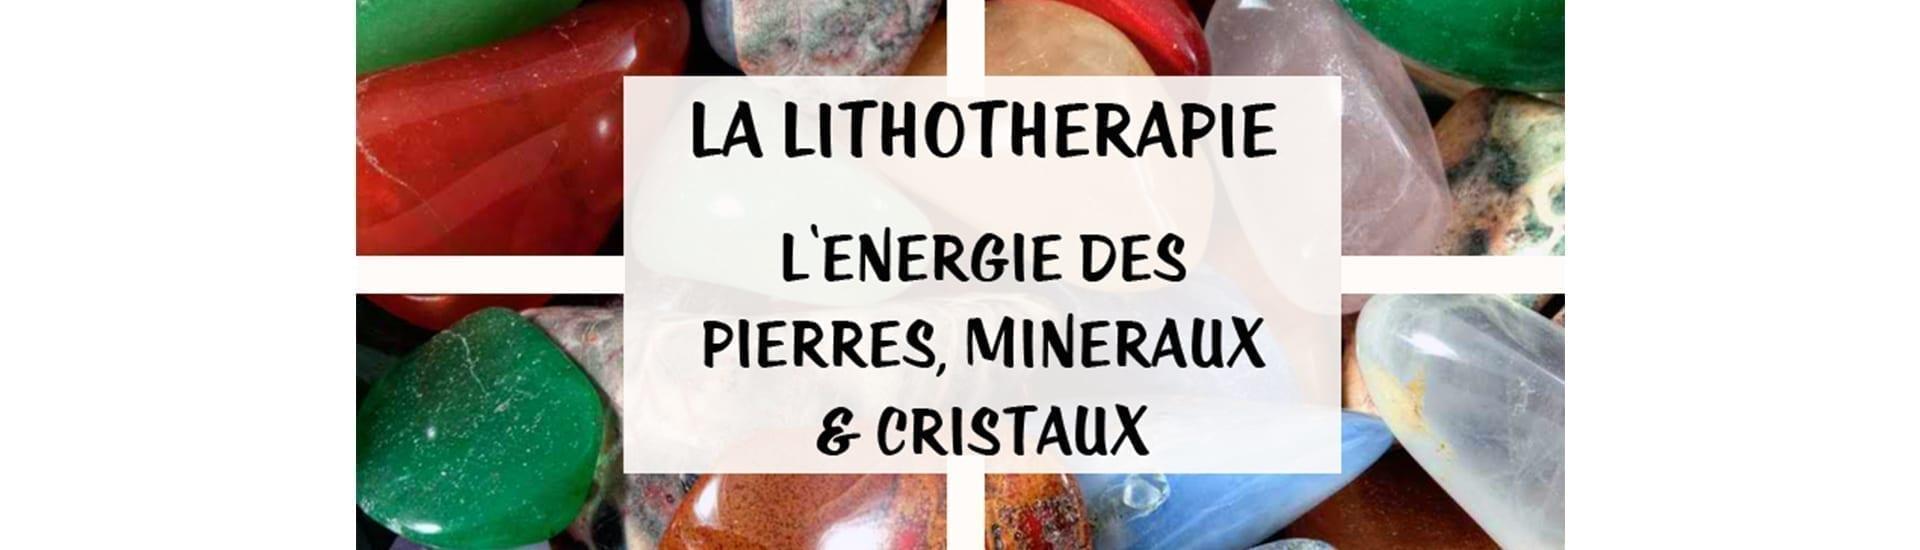 La Lithothérapie, l'énergie des pierres, minéraux & cristaux